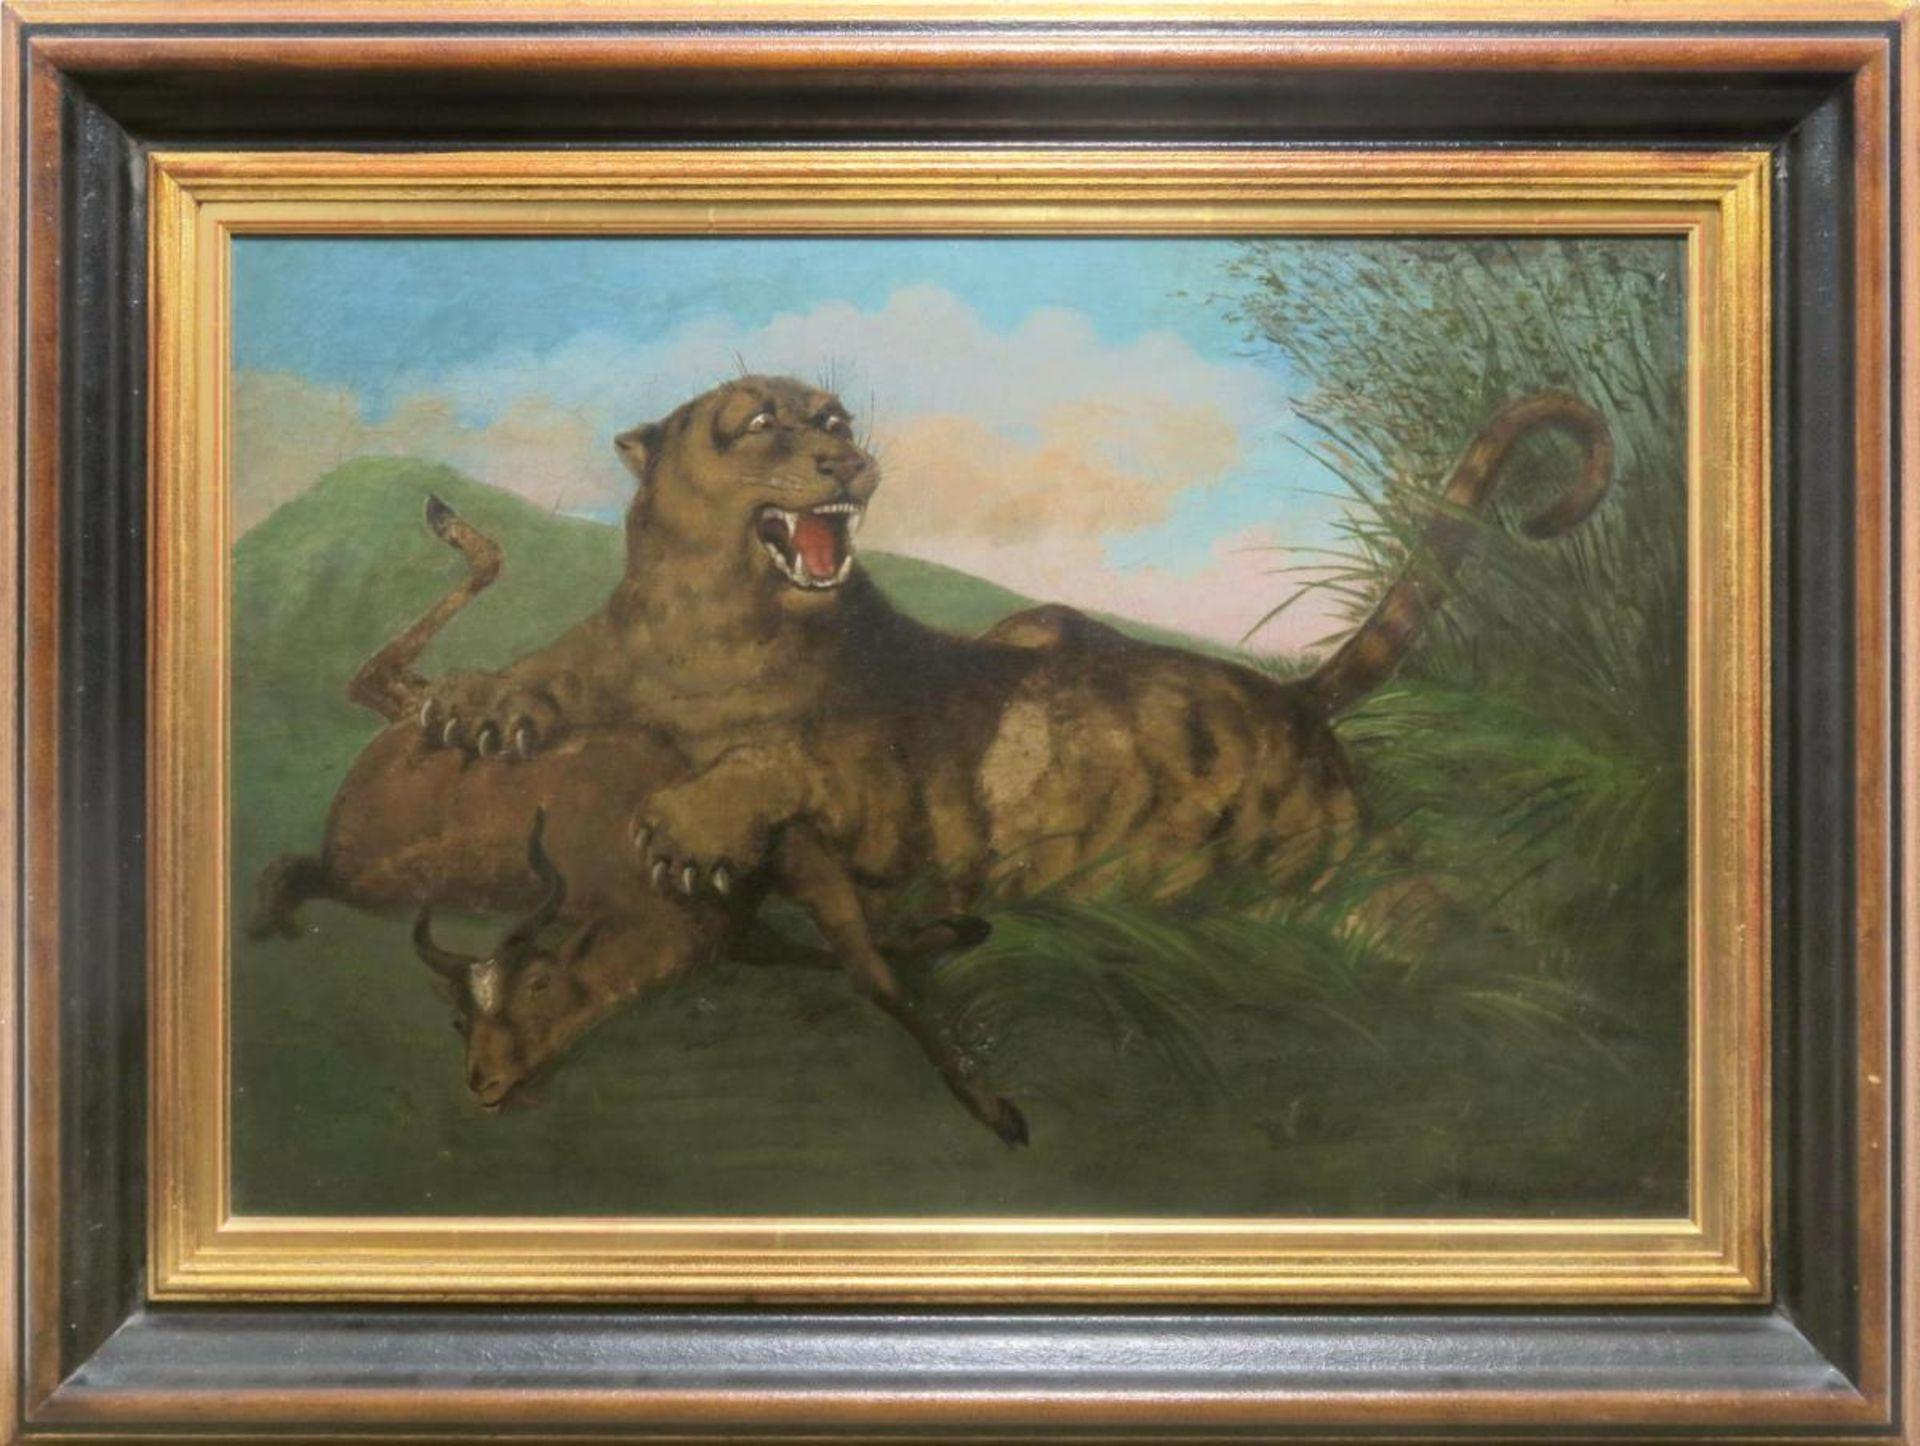 Ein Tiger reißt eine Antilope